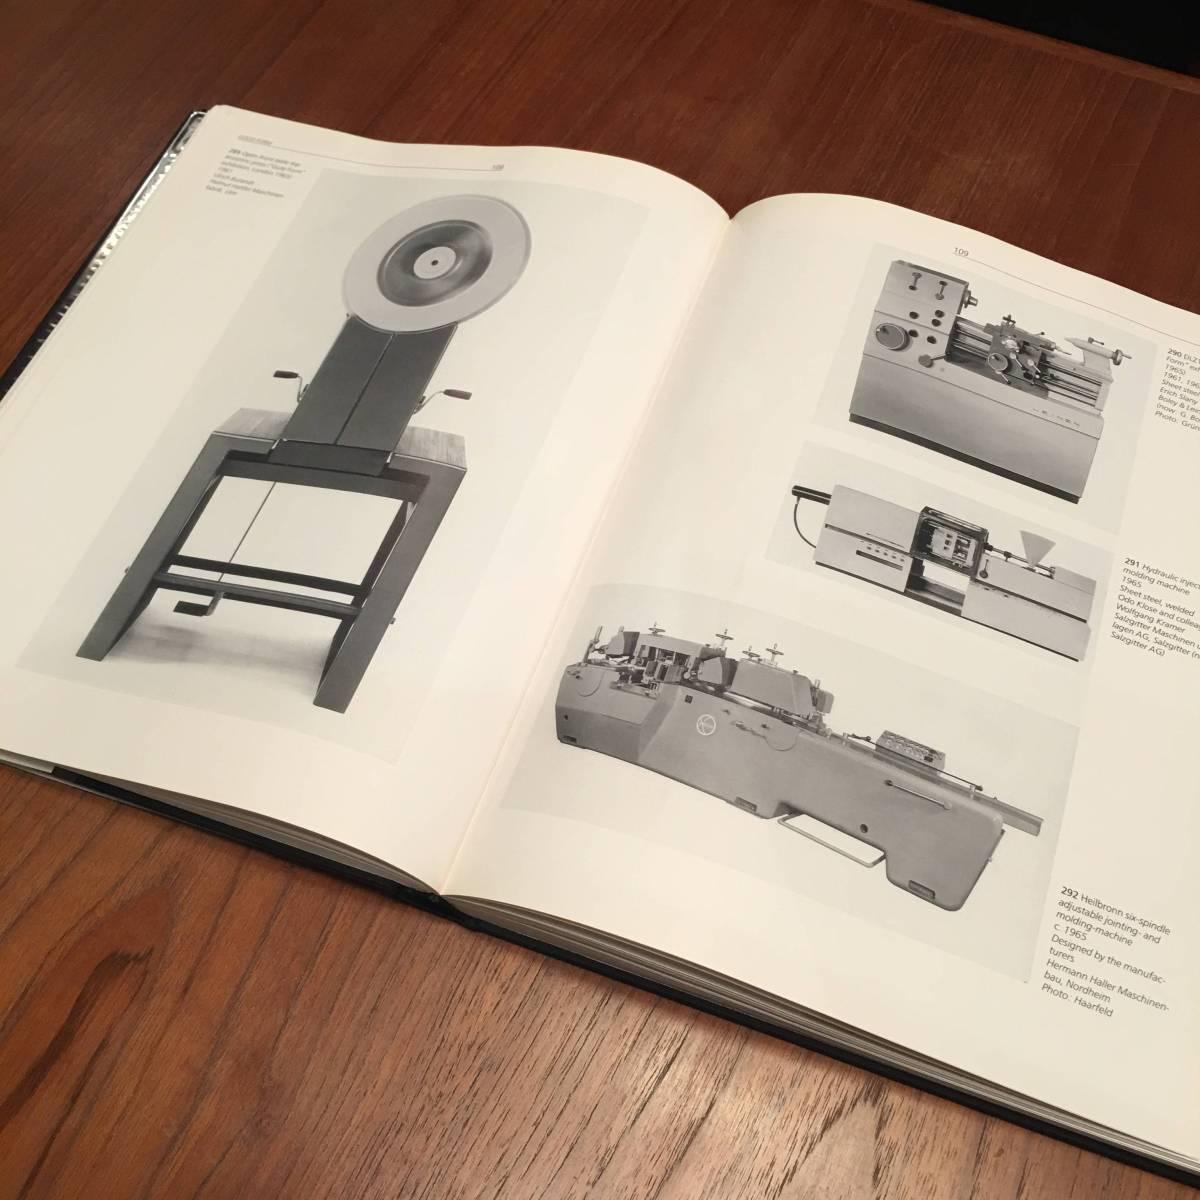 洋書 Braun ディーターラムス スペースエイジ プロダクトデザイン ミッドセンチュリー インテリア レトロ MOMA kartell 70s_画像7